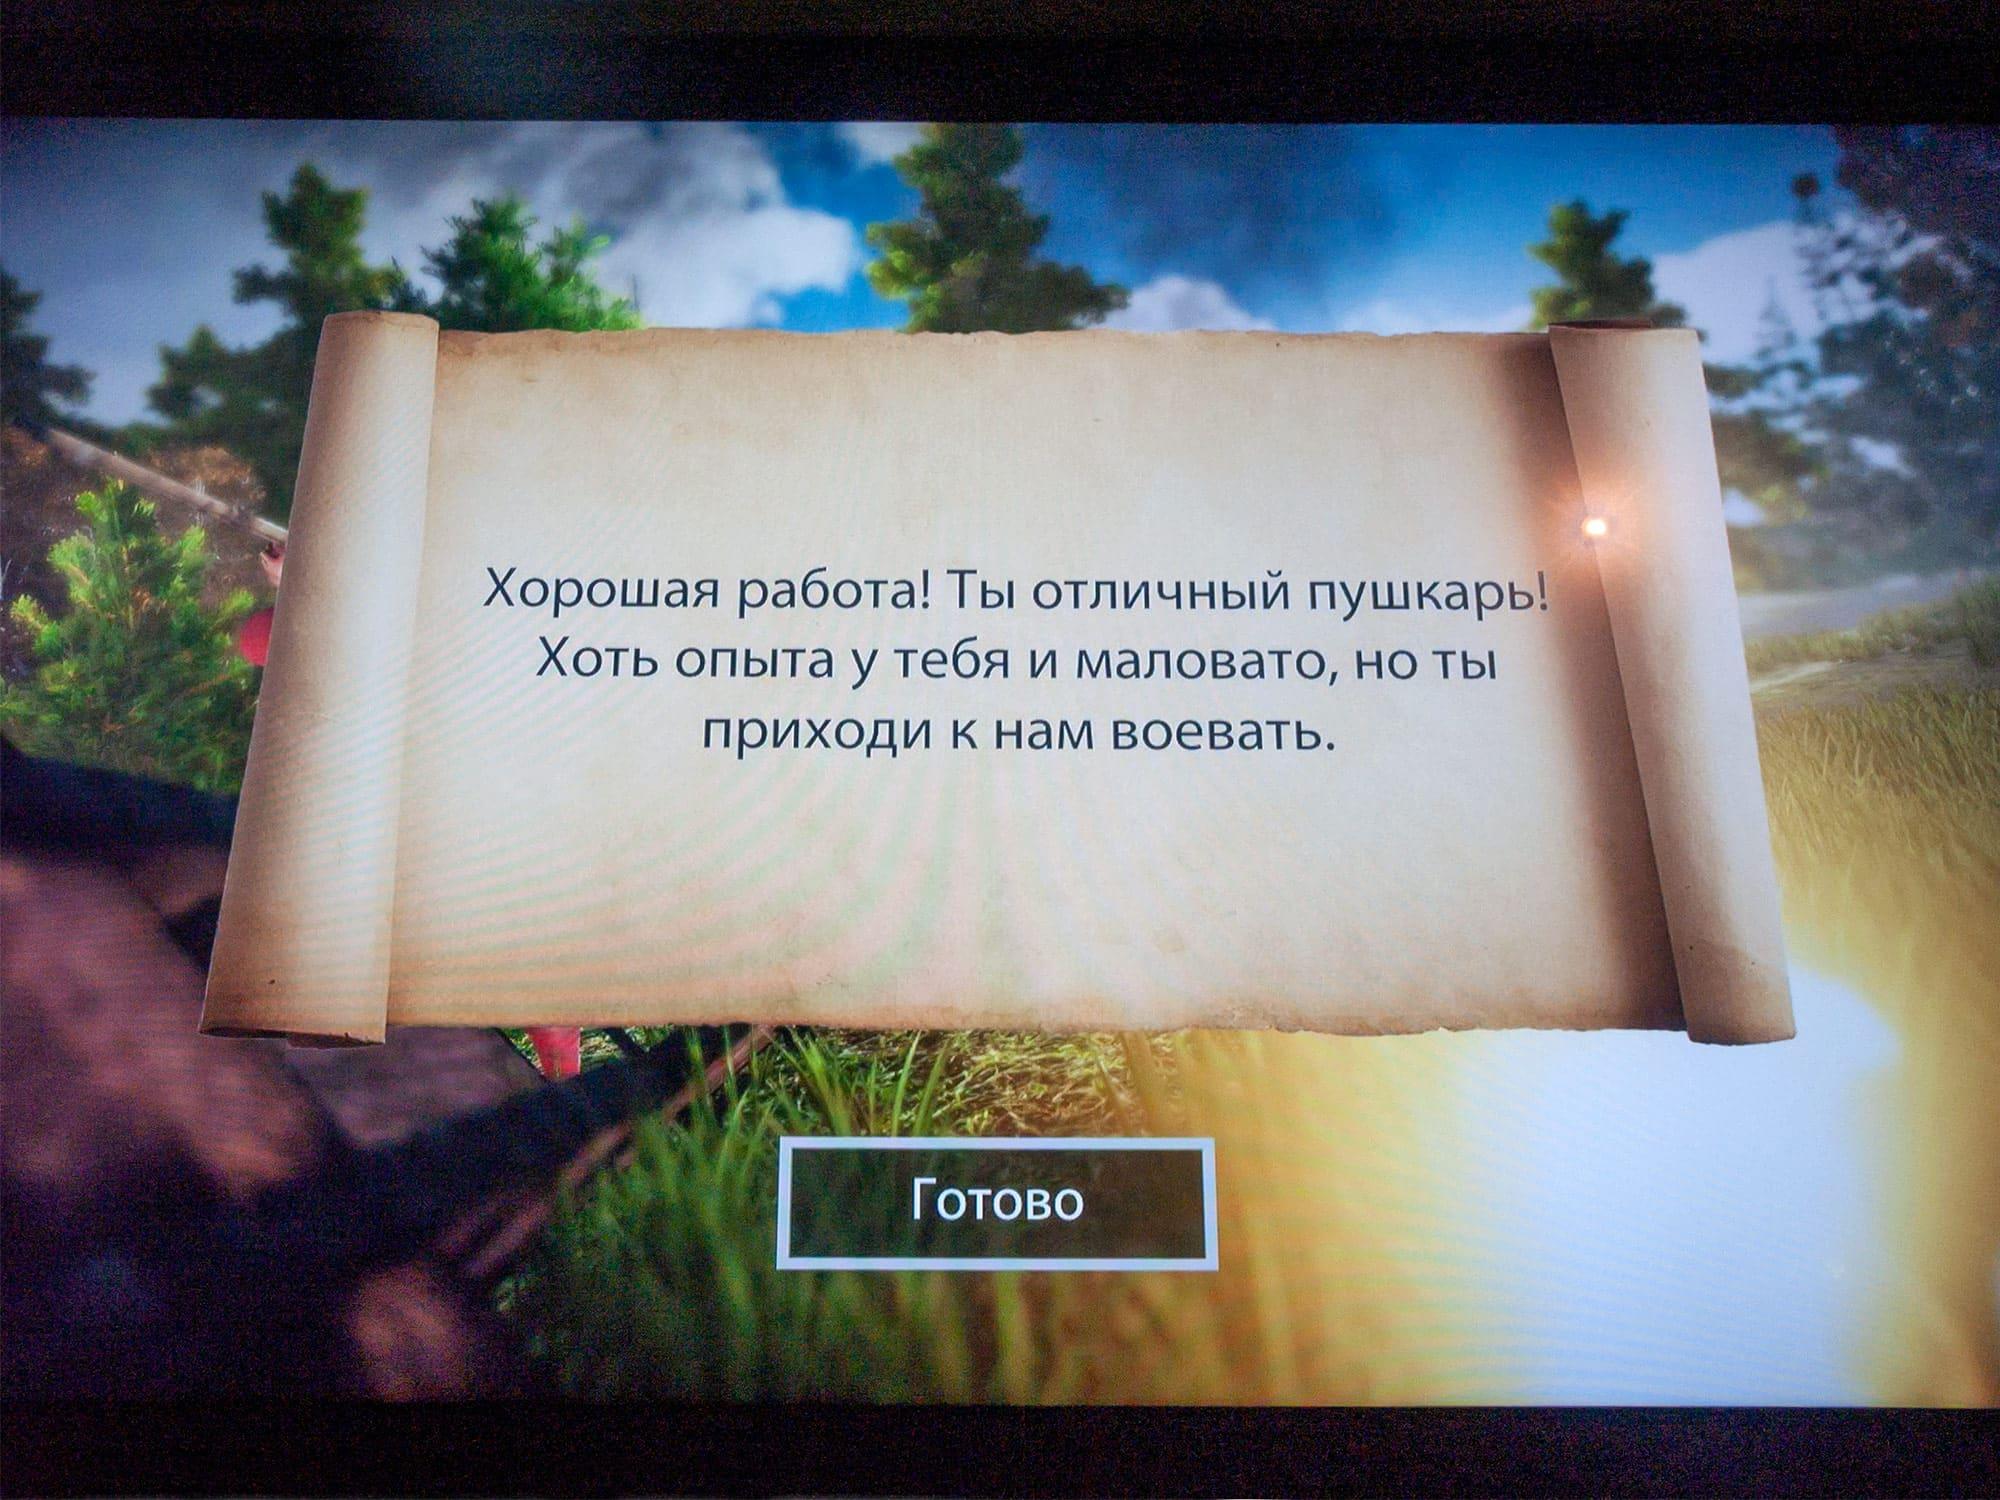 Интерактивная игра в Подземном музее Зарядье